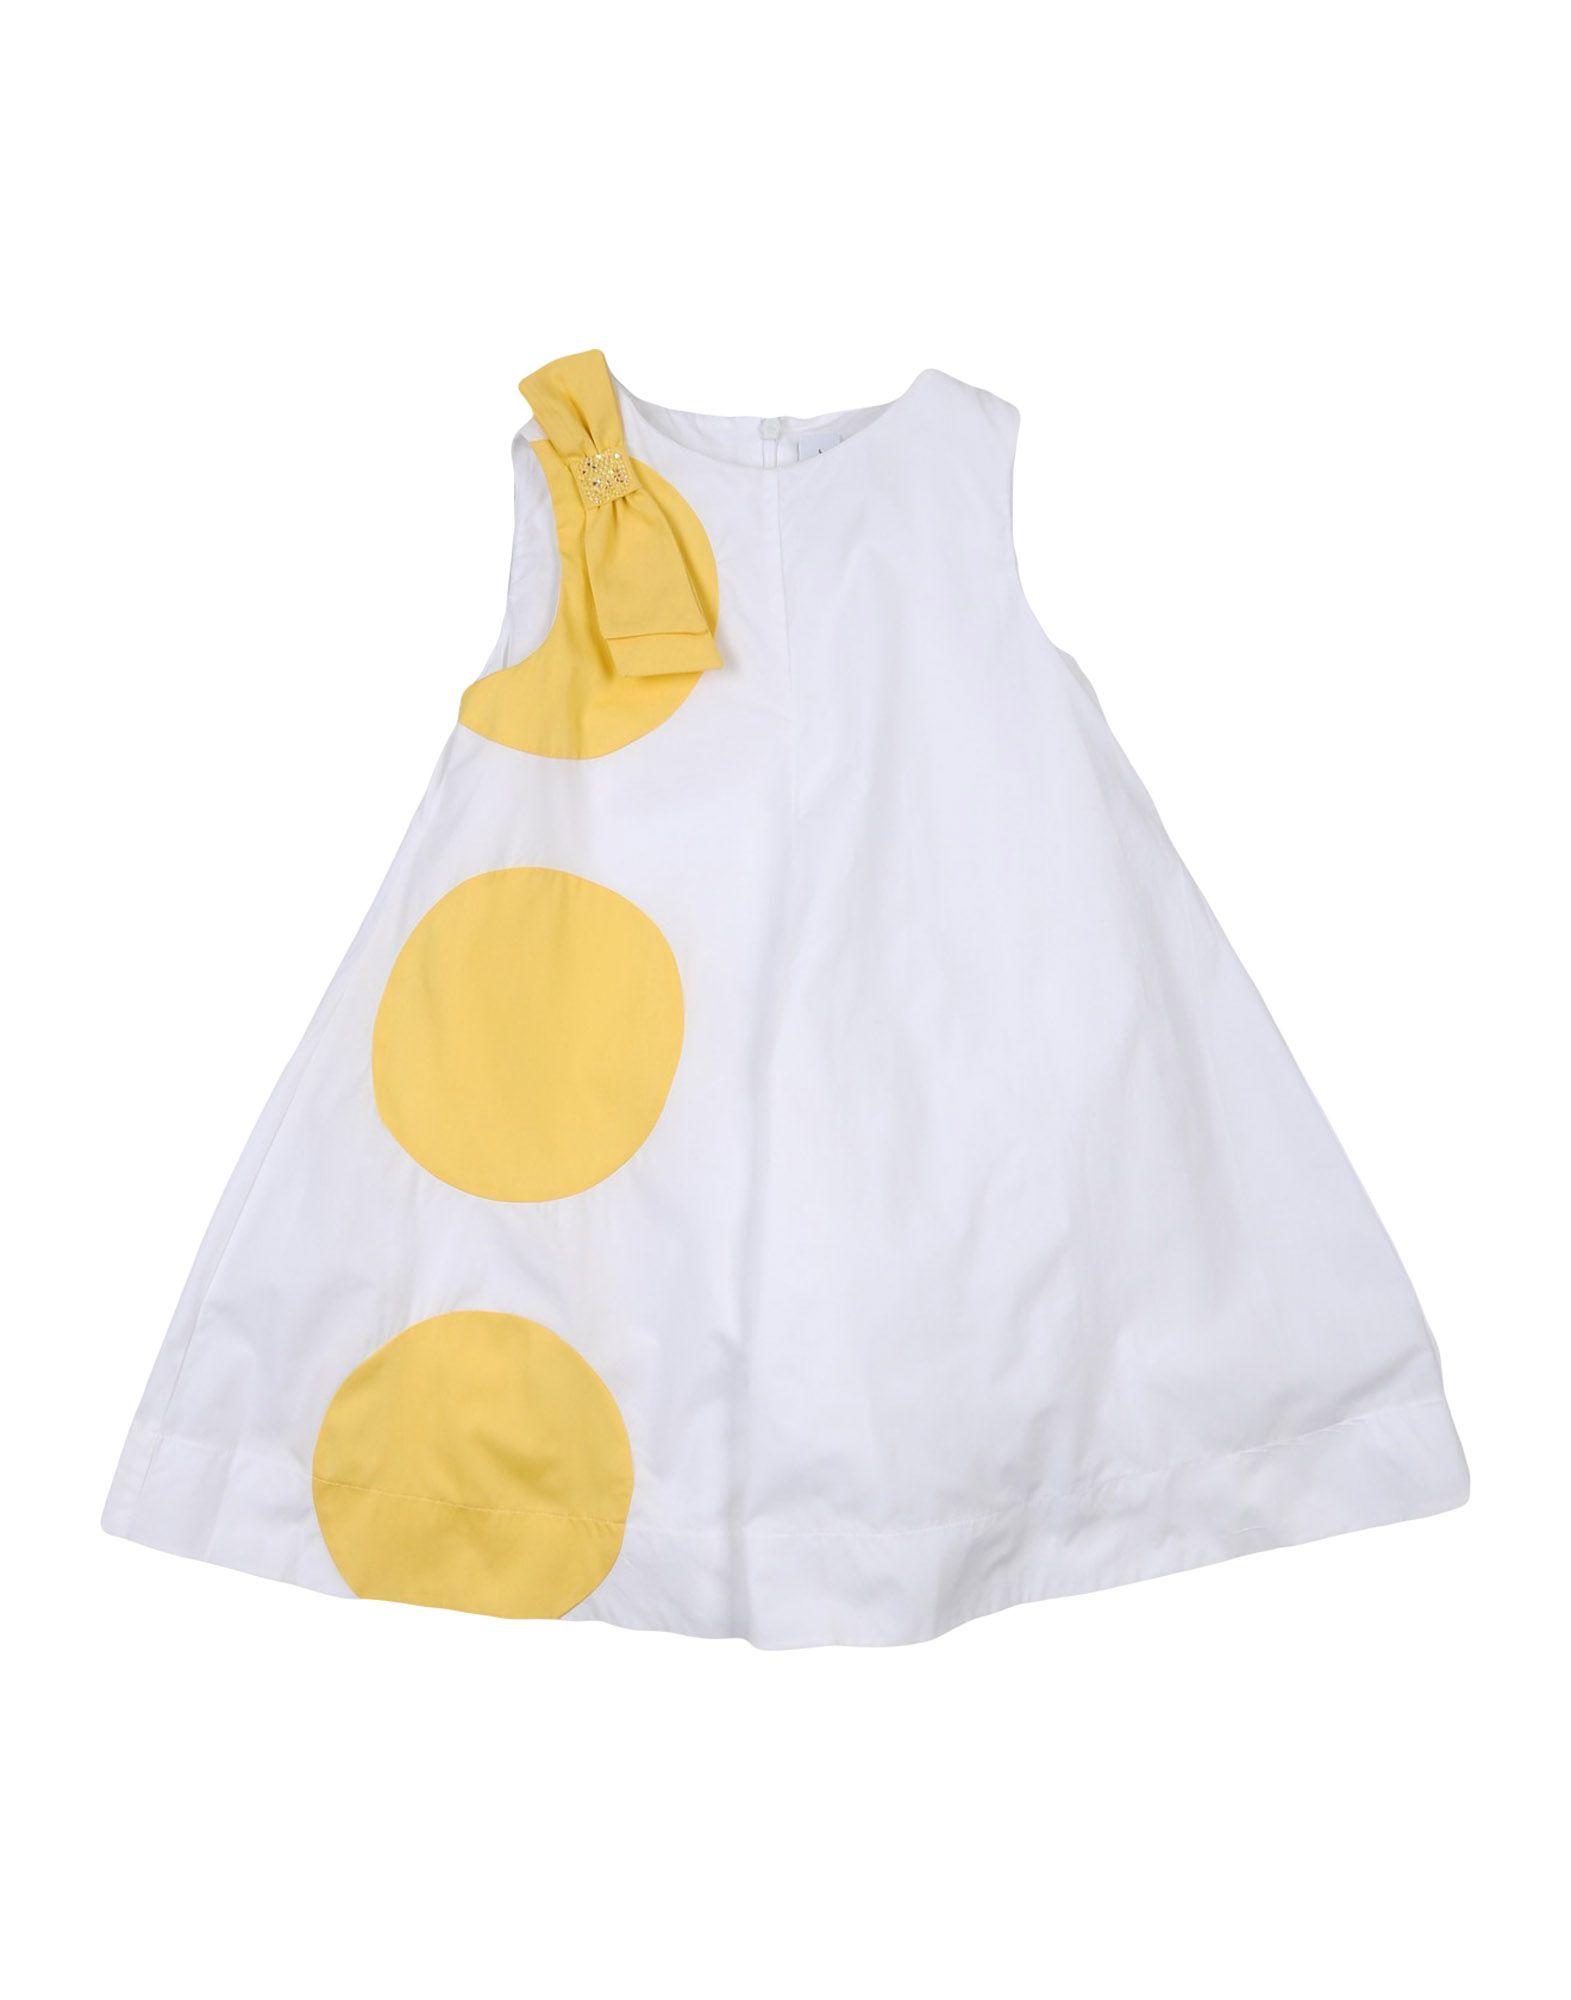 SIMONETTA MINI Mädchen 3-8 jahre Kleid Farbe Weiß Größe 3